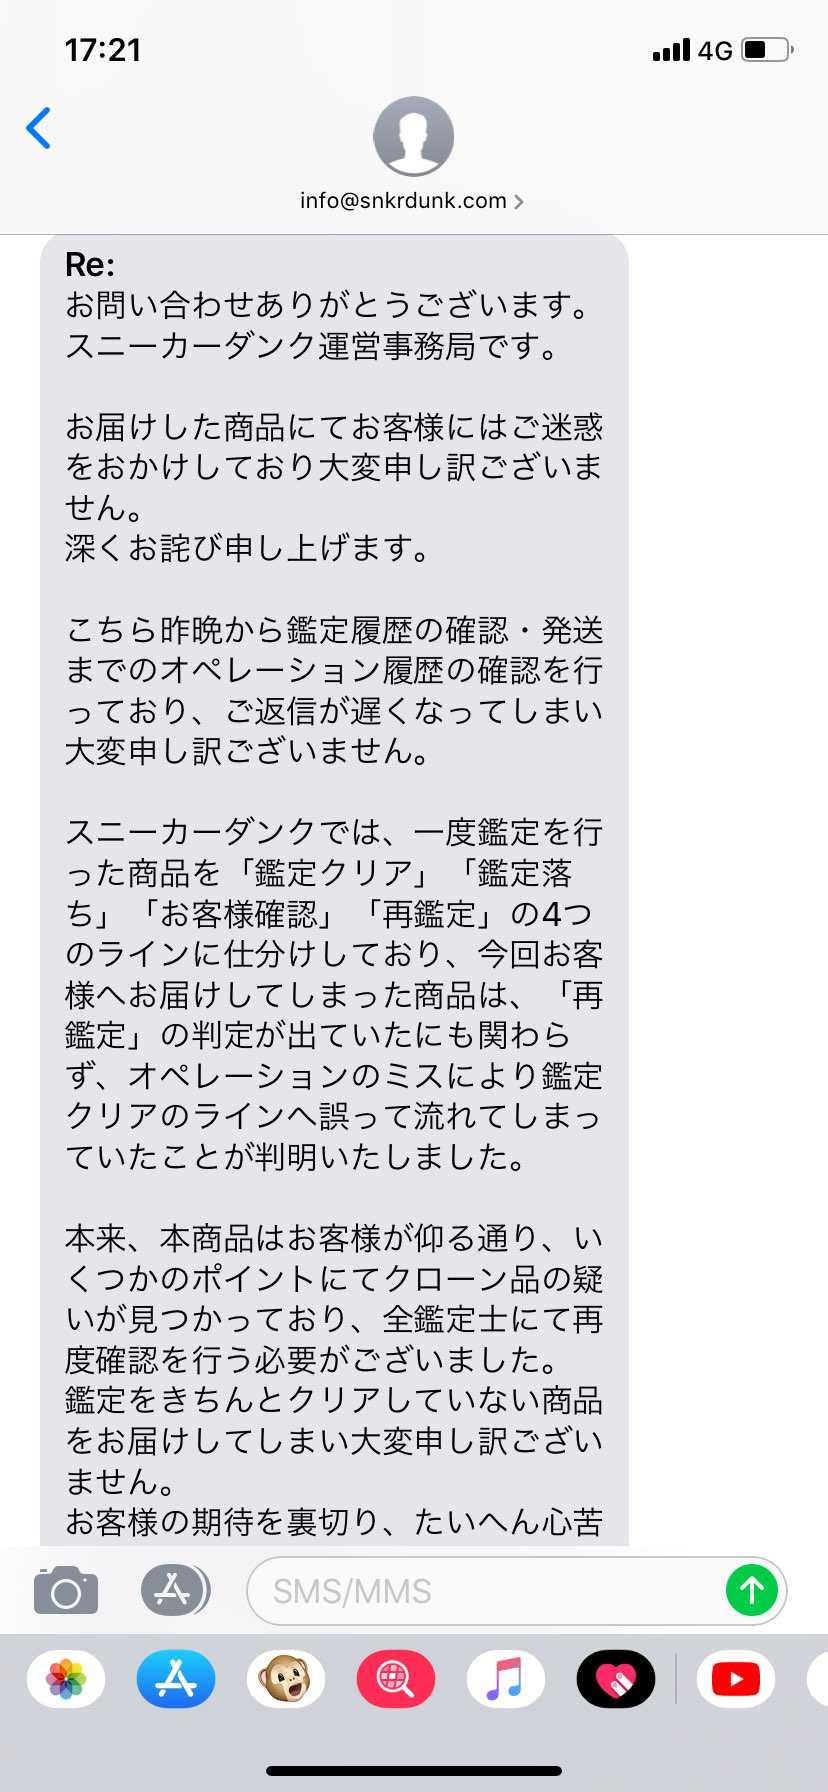 スニダンさんからのご返答頂きました。 誠意ある対応をしてくださったと思います。